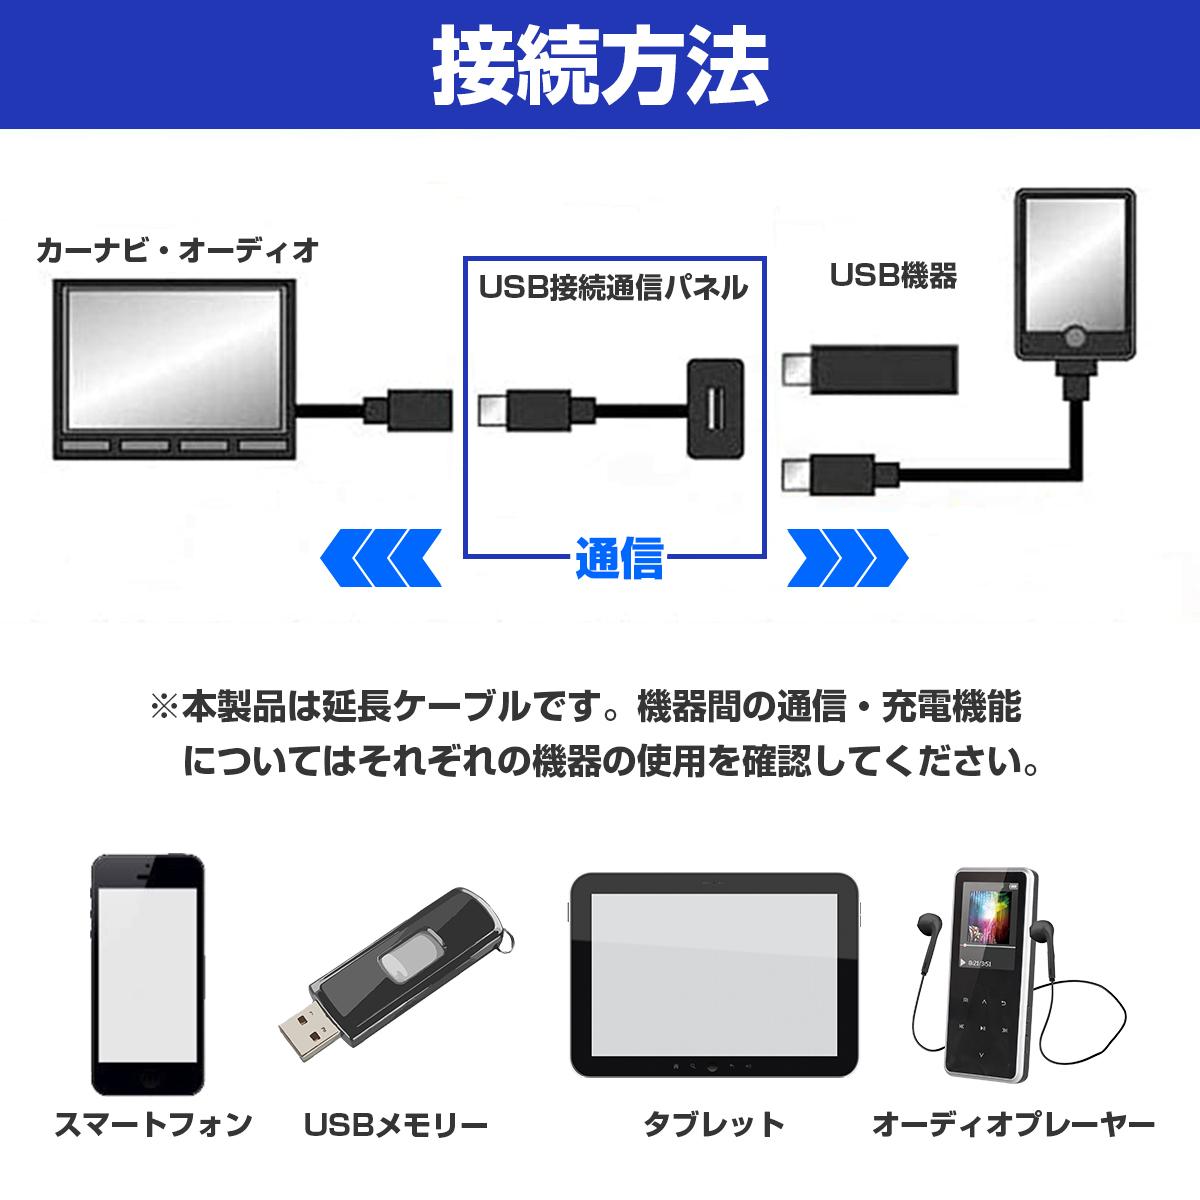 【ニッサンAタイプ】 セレナ C25 H17.5~H22.11 純正風♪ USB接続通信パネル 配線付 USB1ポート 埋め込み 増設USBケーブル 2.1A 12V_画像4